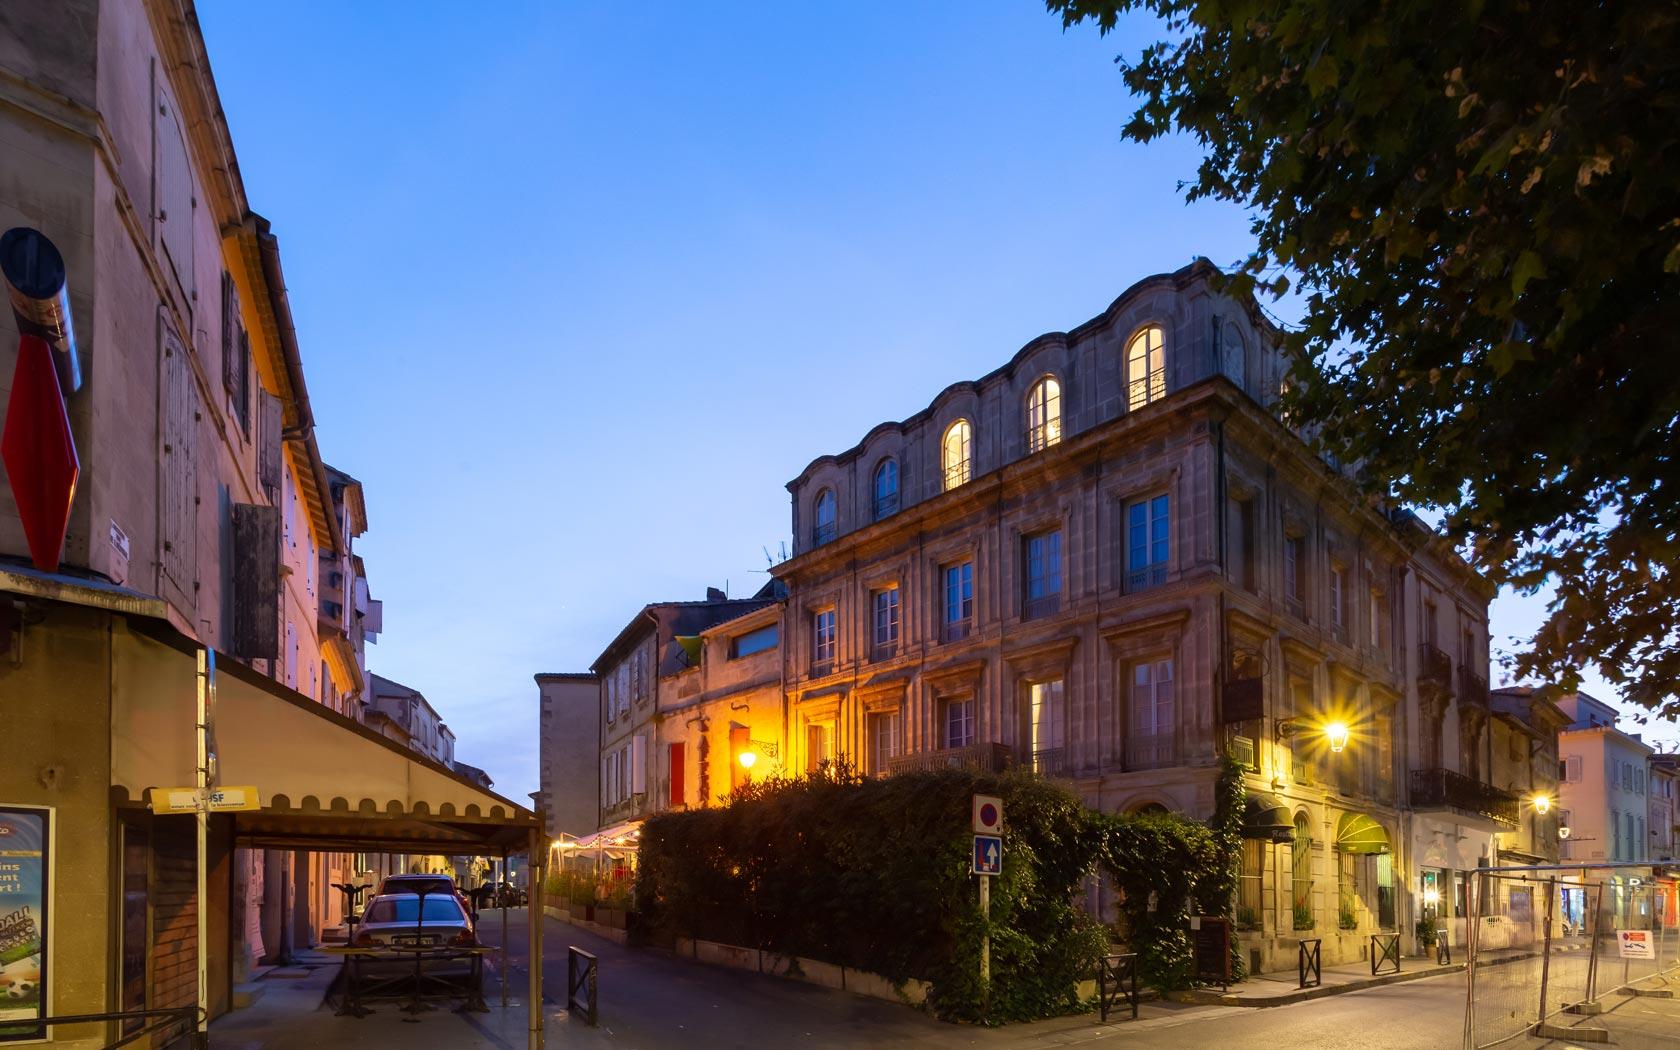 Relais-de-poste_hotel-8